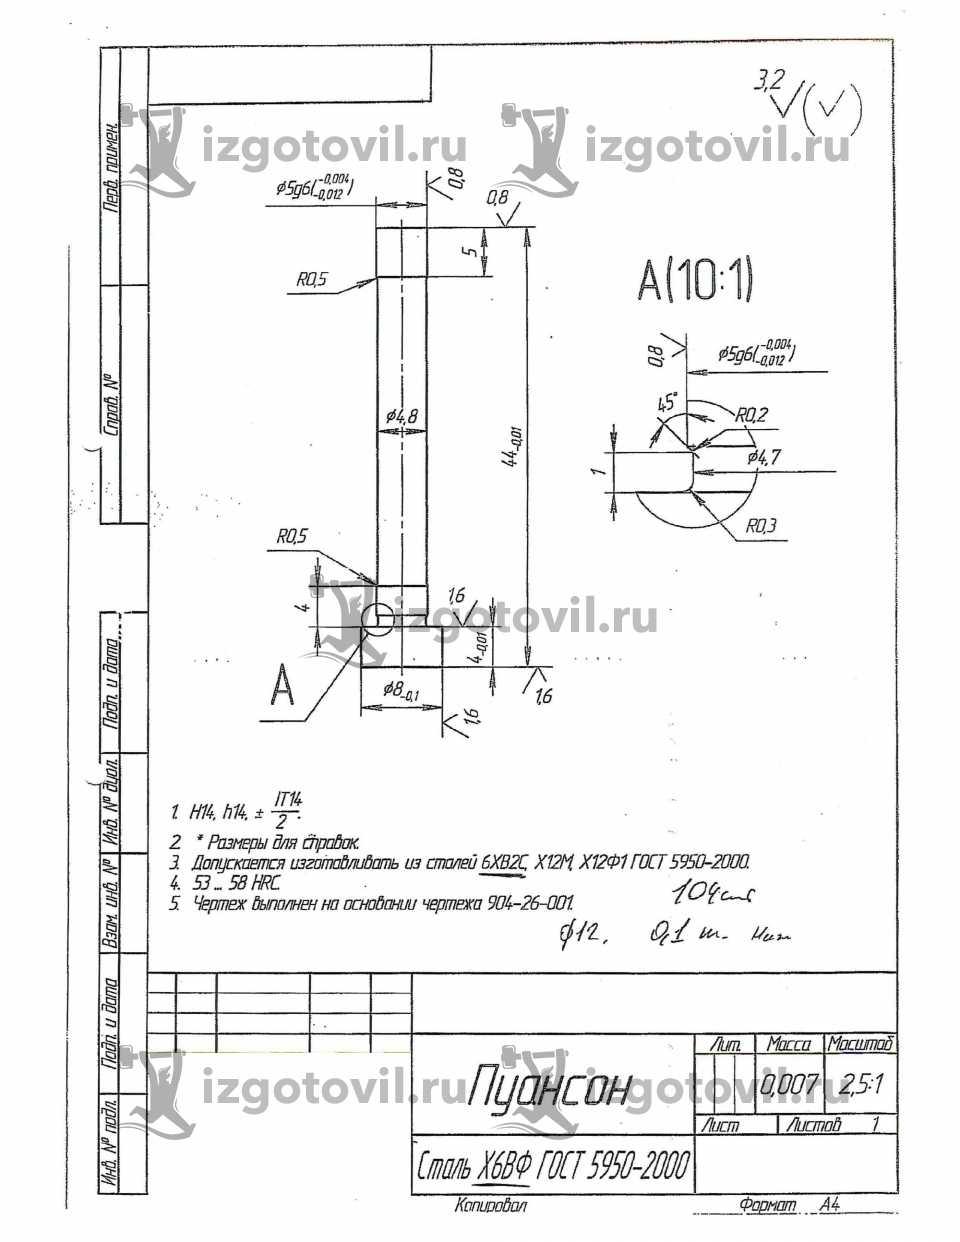 Токарная обработка деталей - пуансон